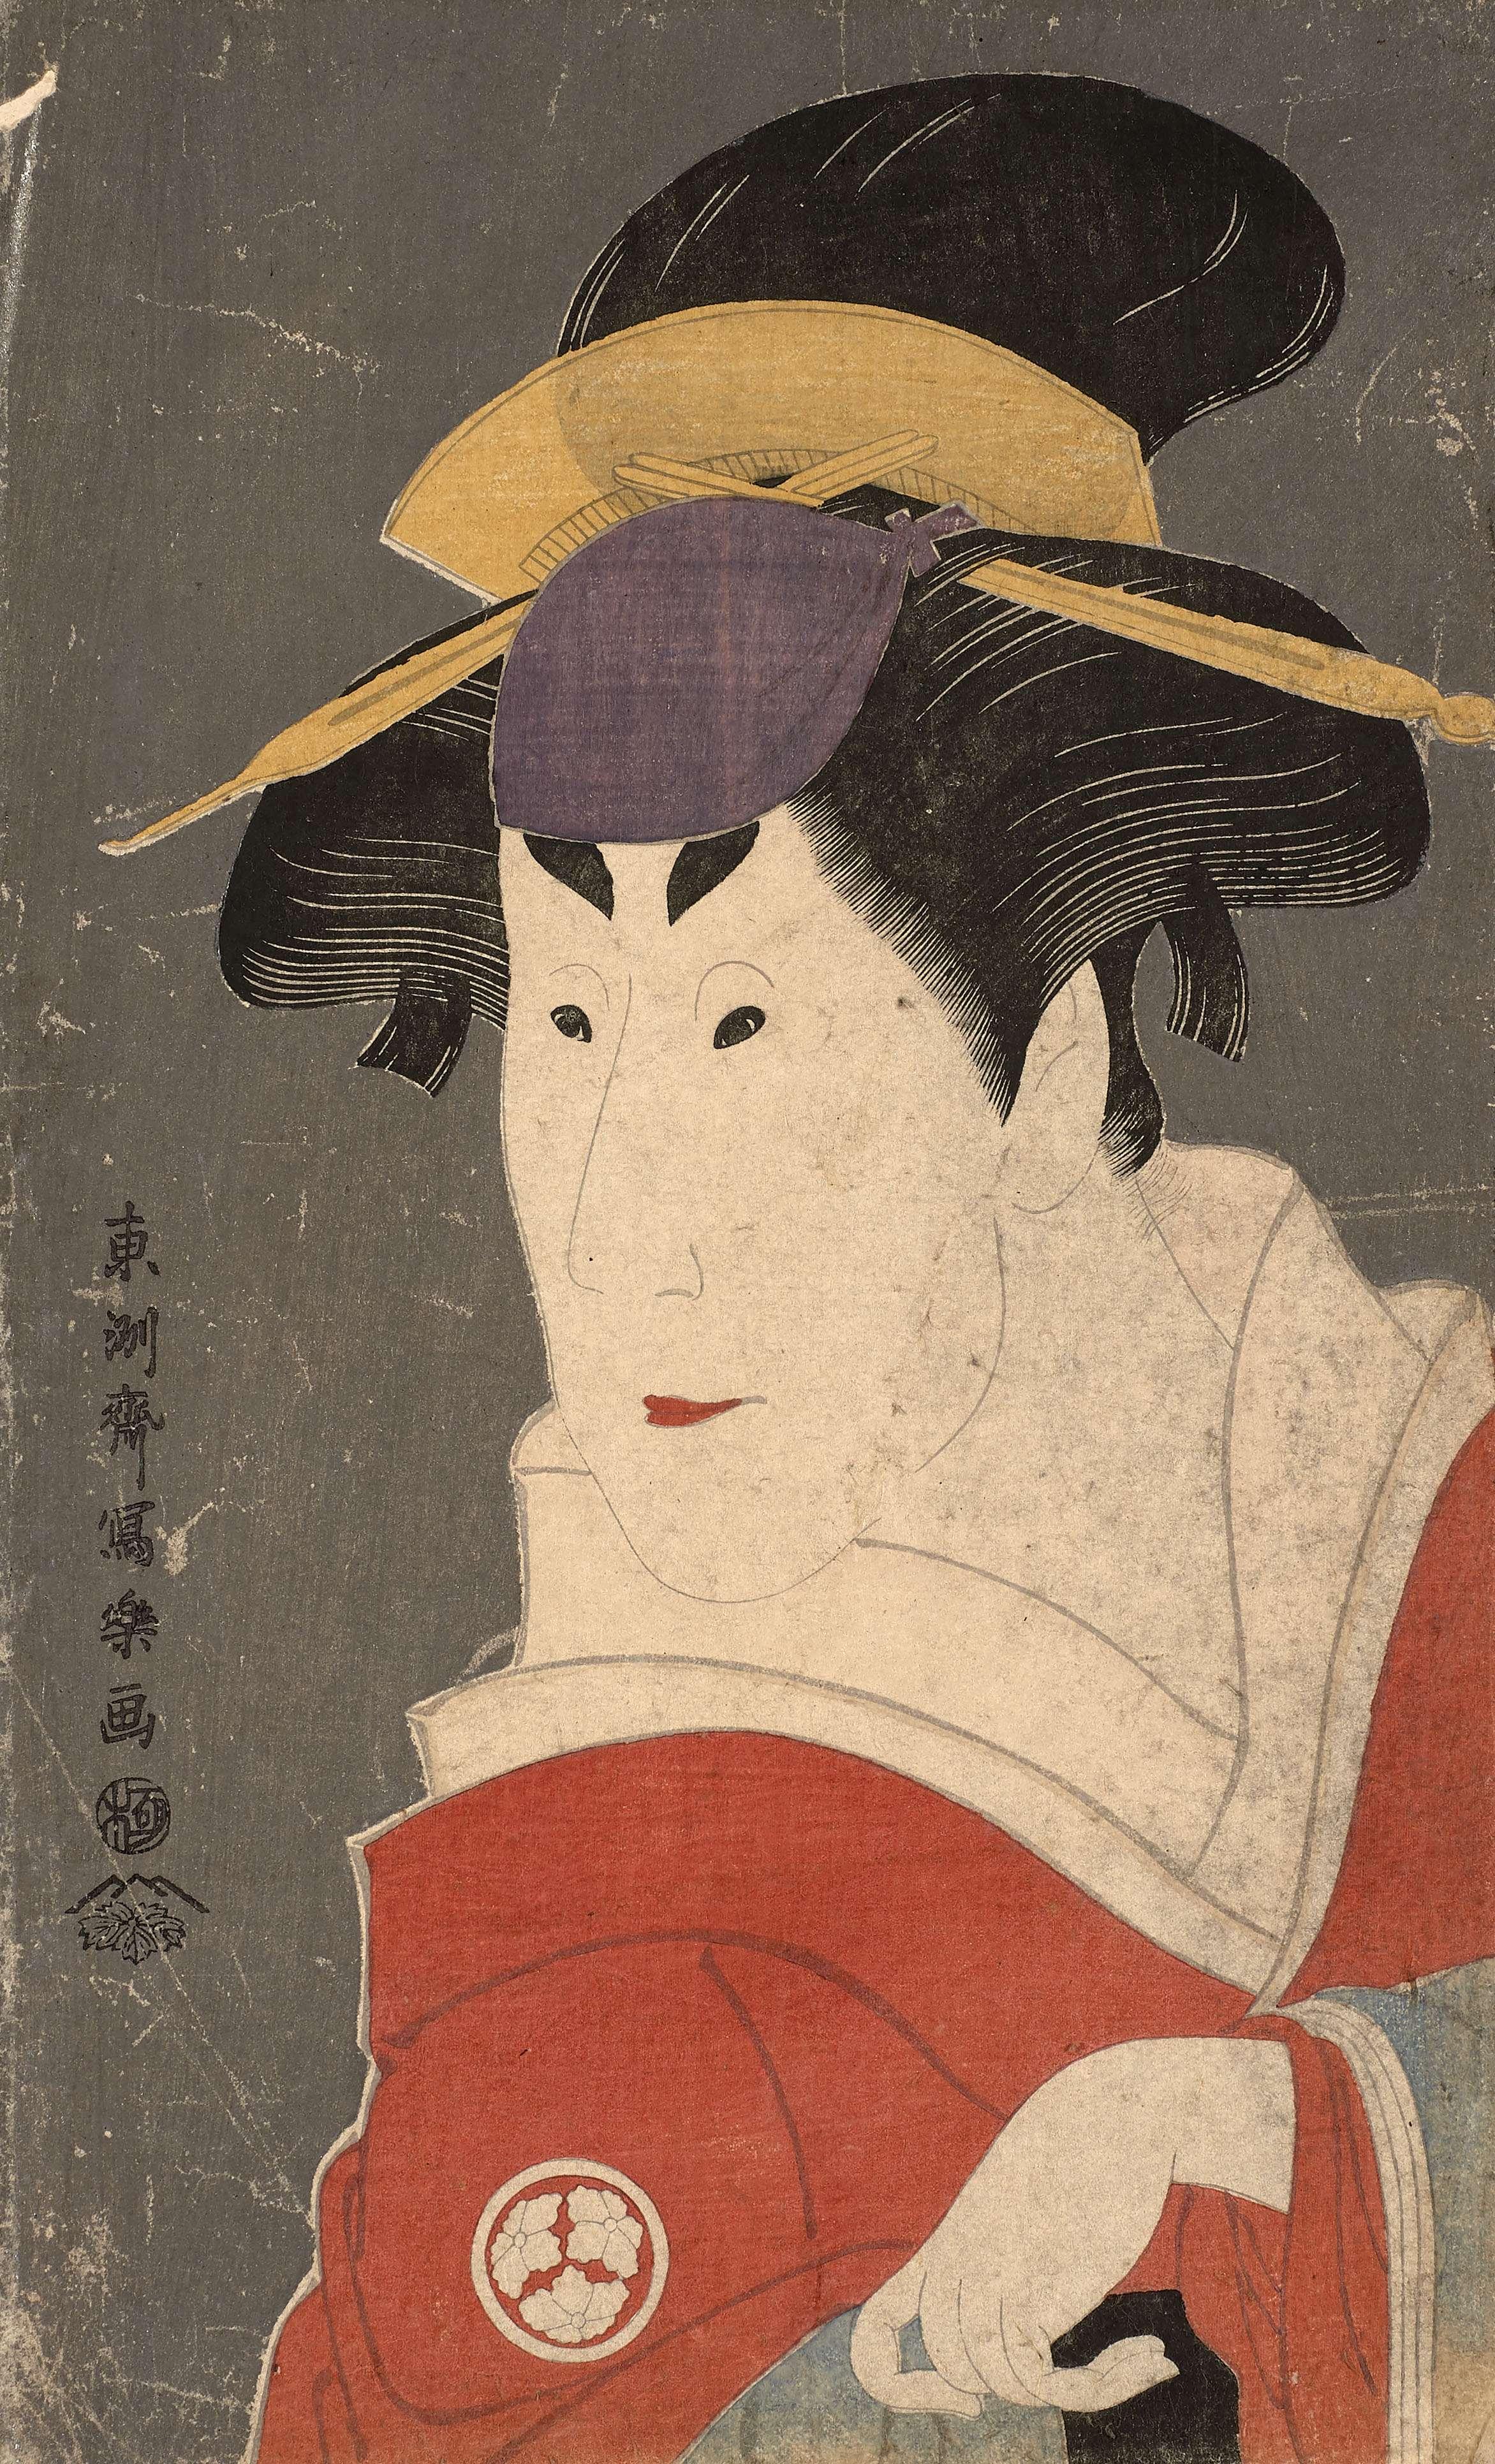 Portrait of Osagawa Tsuneyo II, Toshusai Sharaku